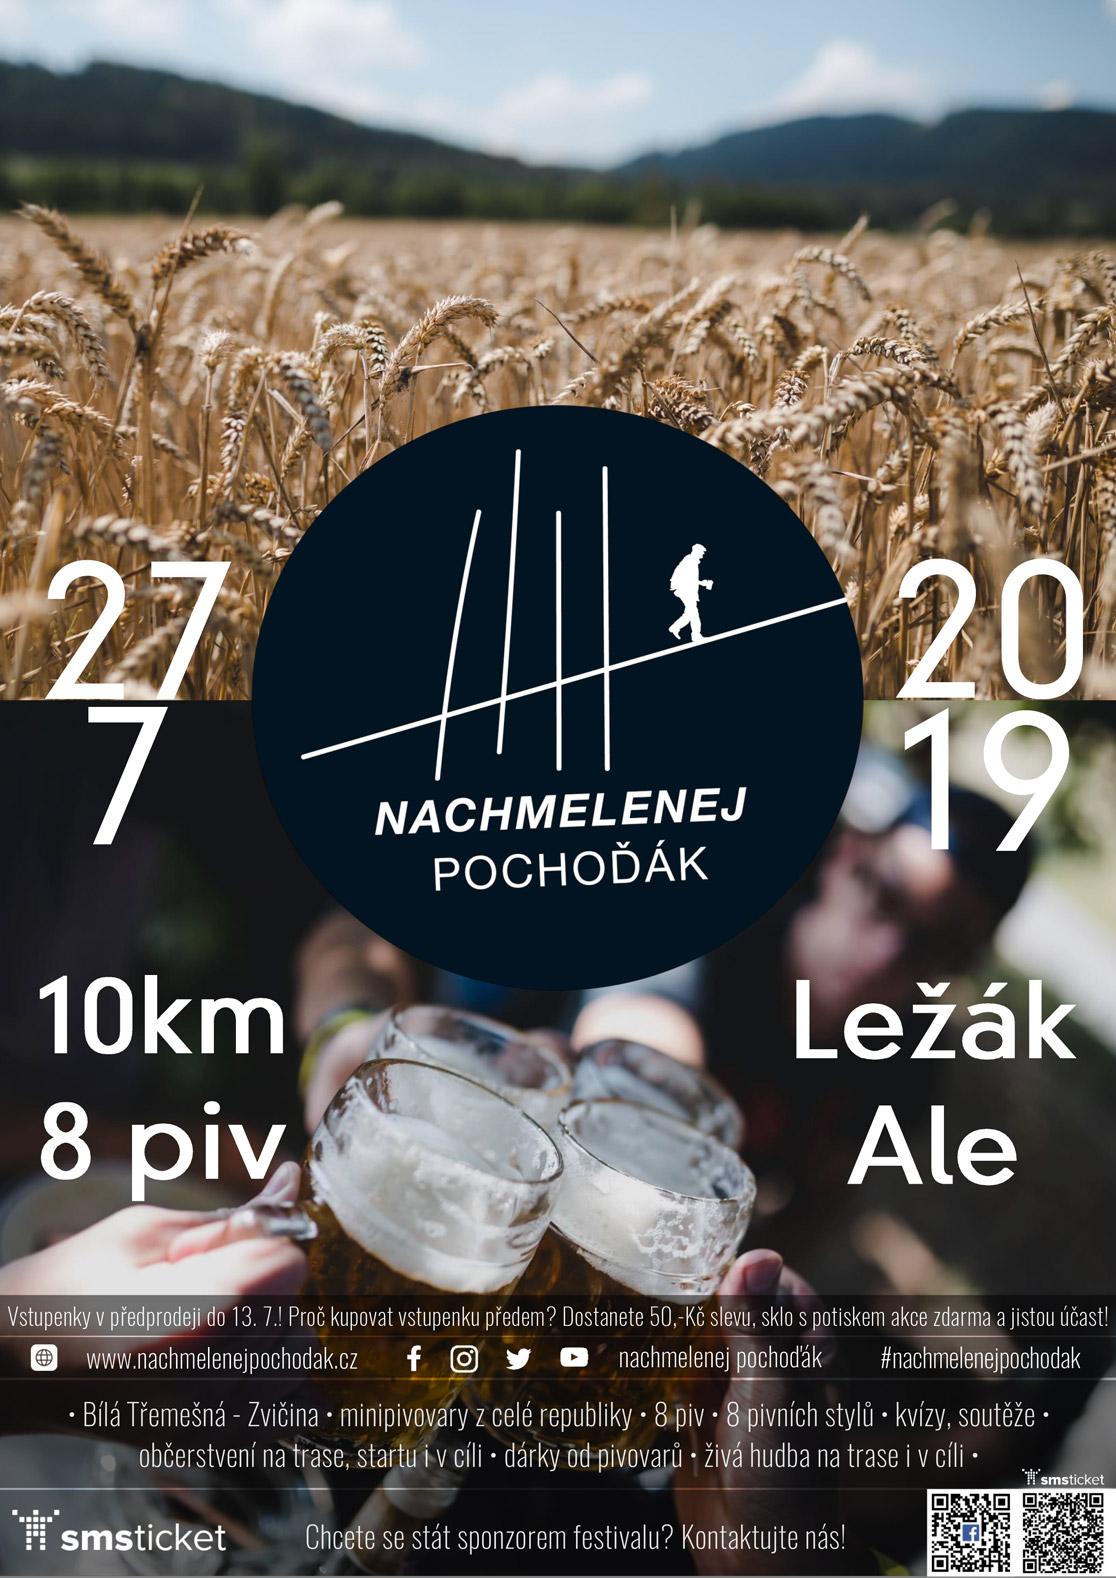 pivovari-pivovary-pivni-akce-nachmelenej-pochodak-2019